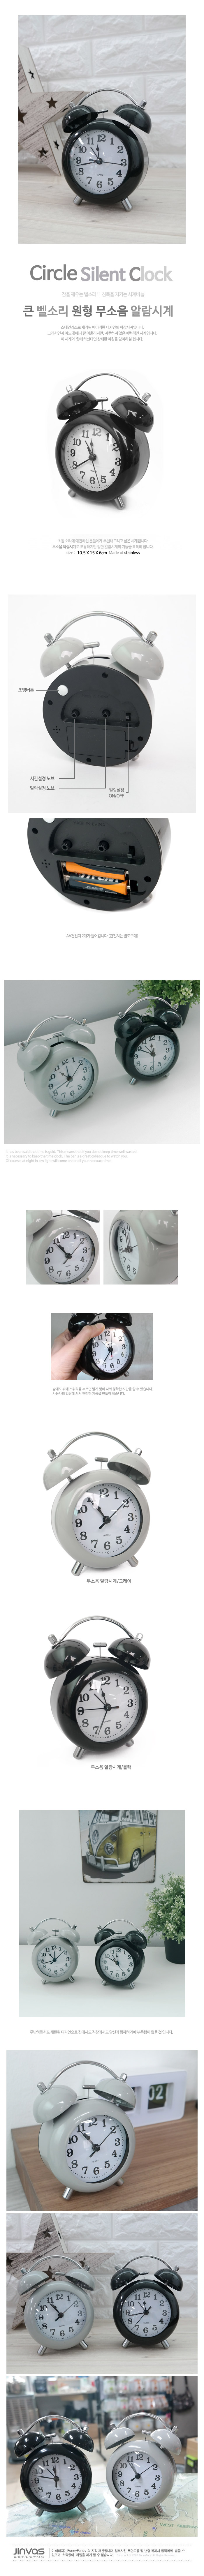 큰 벨소리 원형 무소음 알람시계 - 진바스, 12,000원, 알람/탁상시계, 알람시계